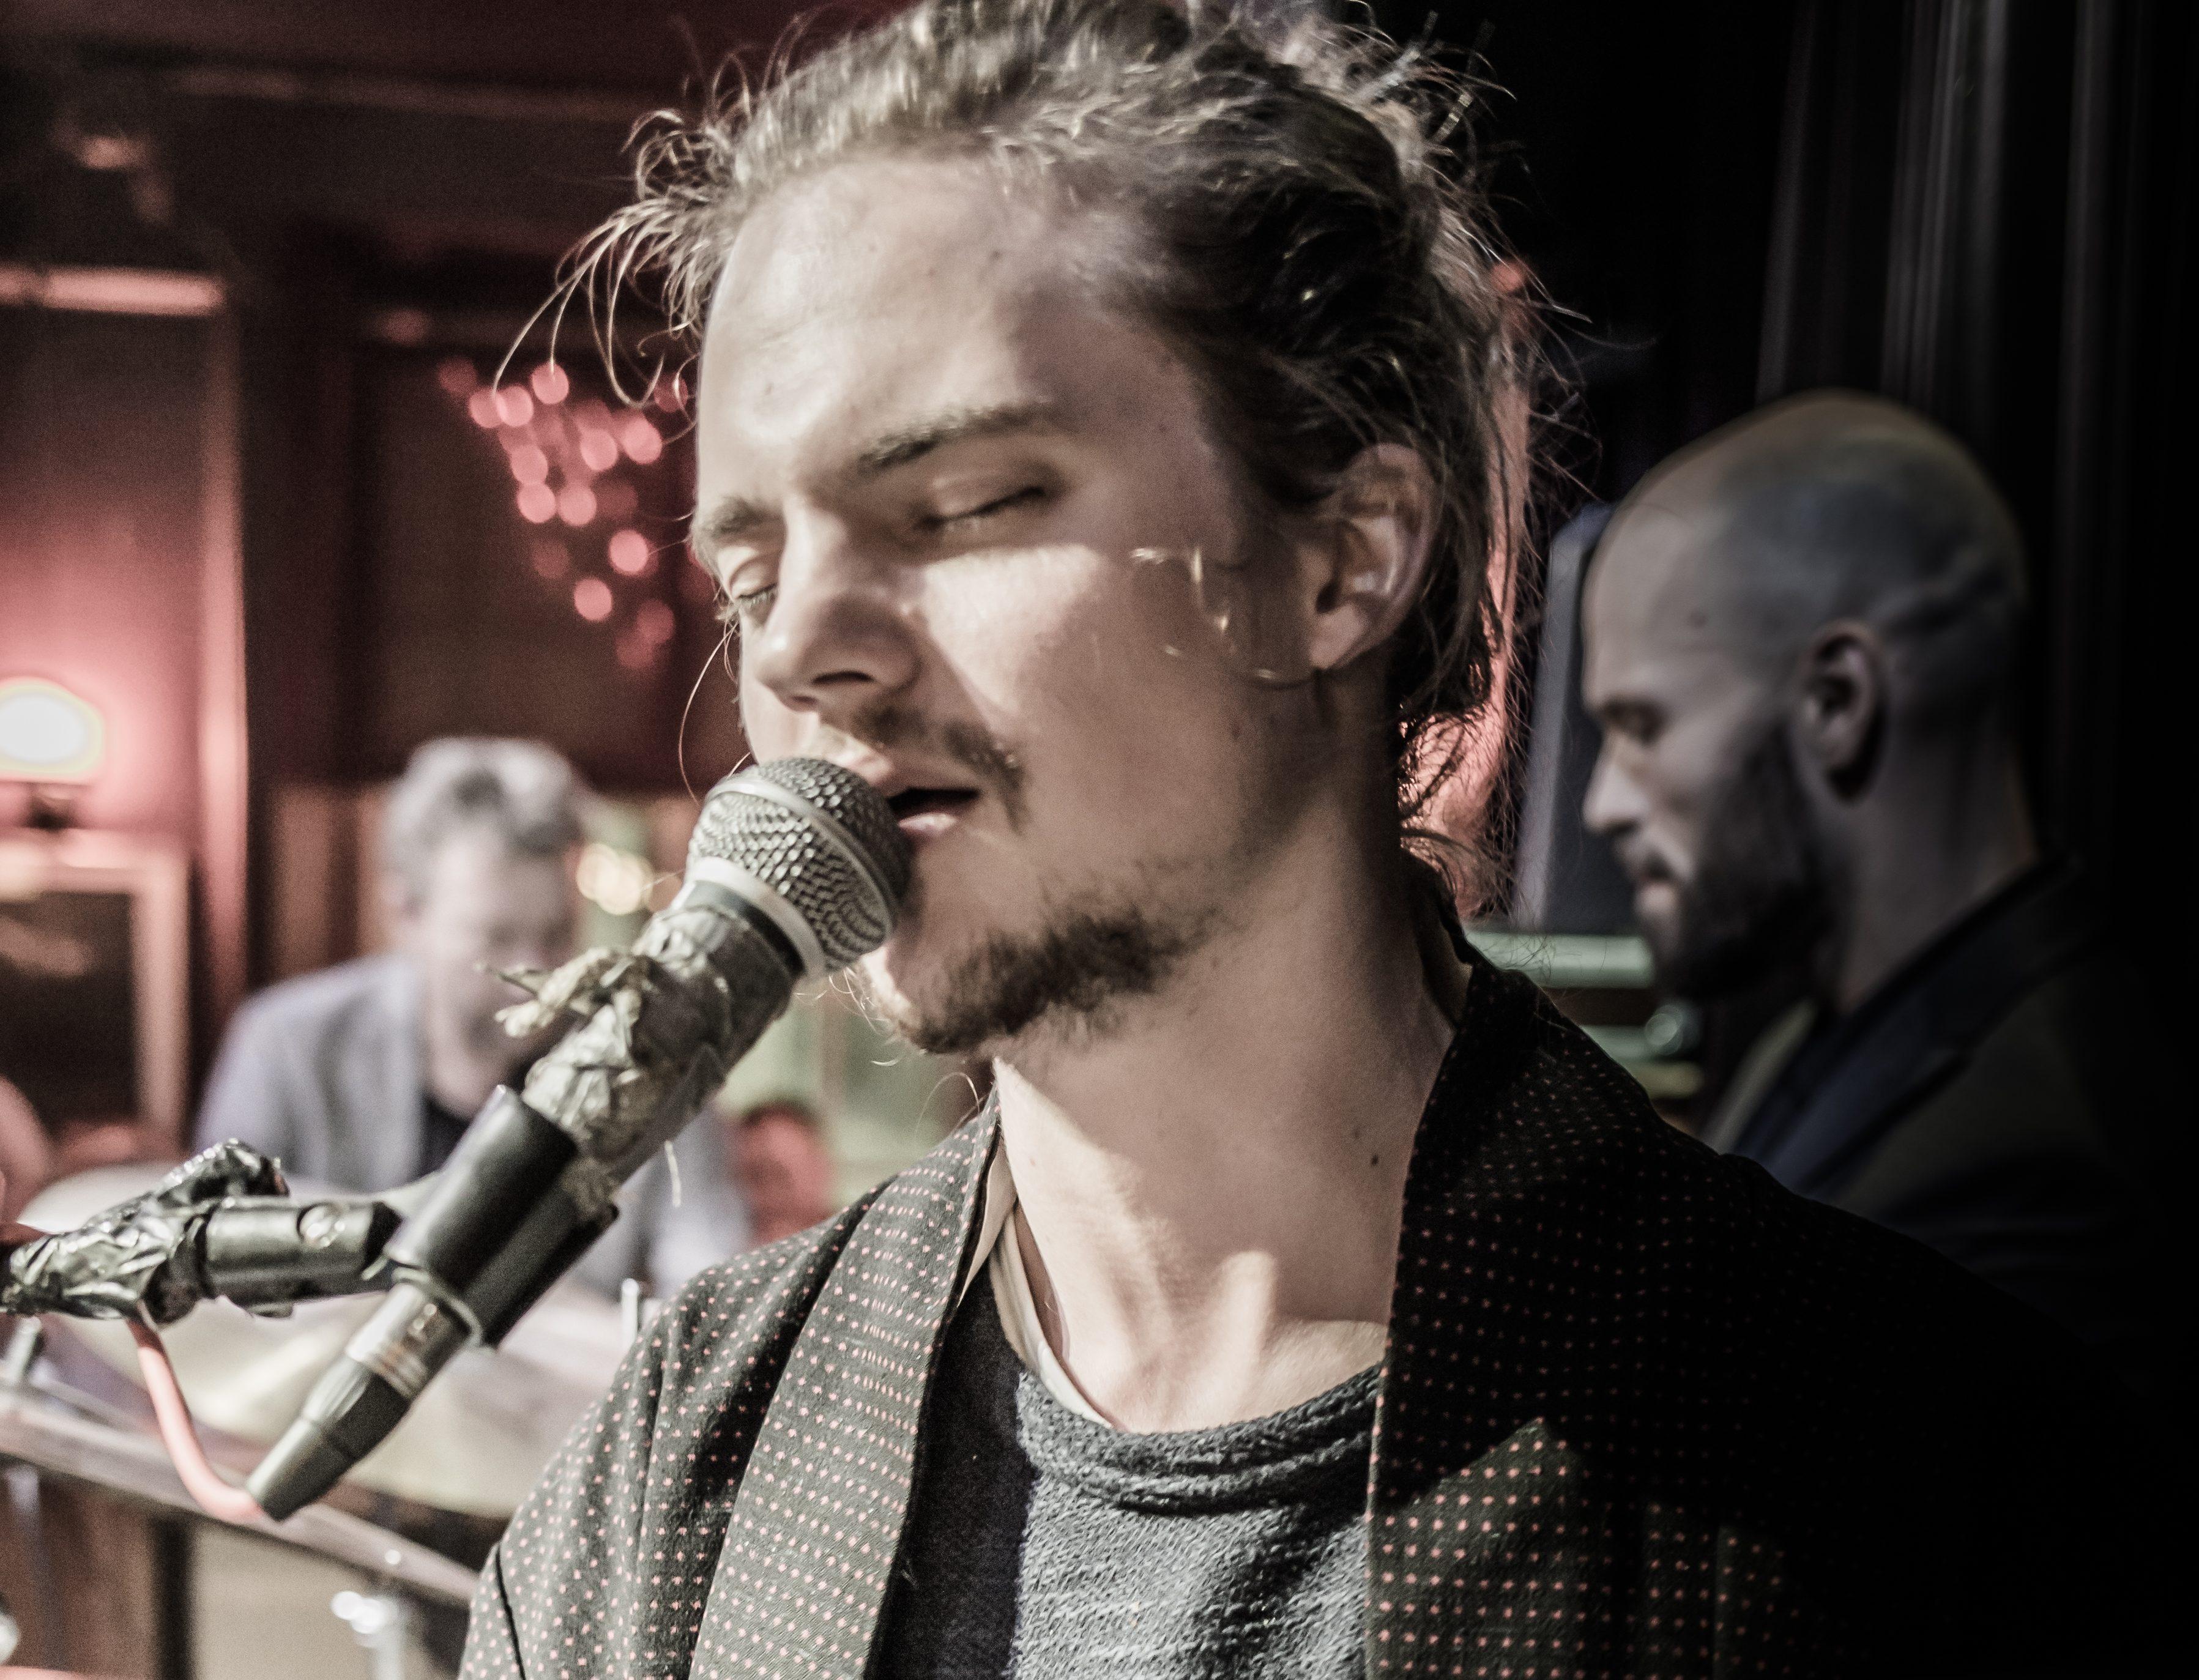 The Copenhagen Soultrio feat. Daniel von Piekartz